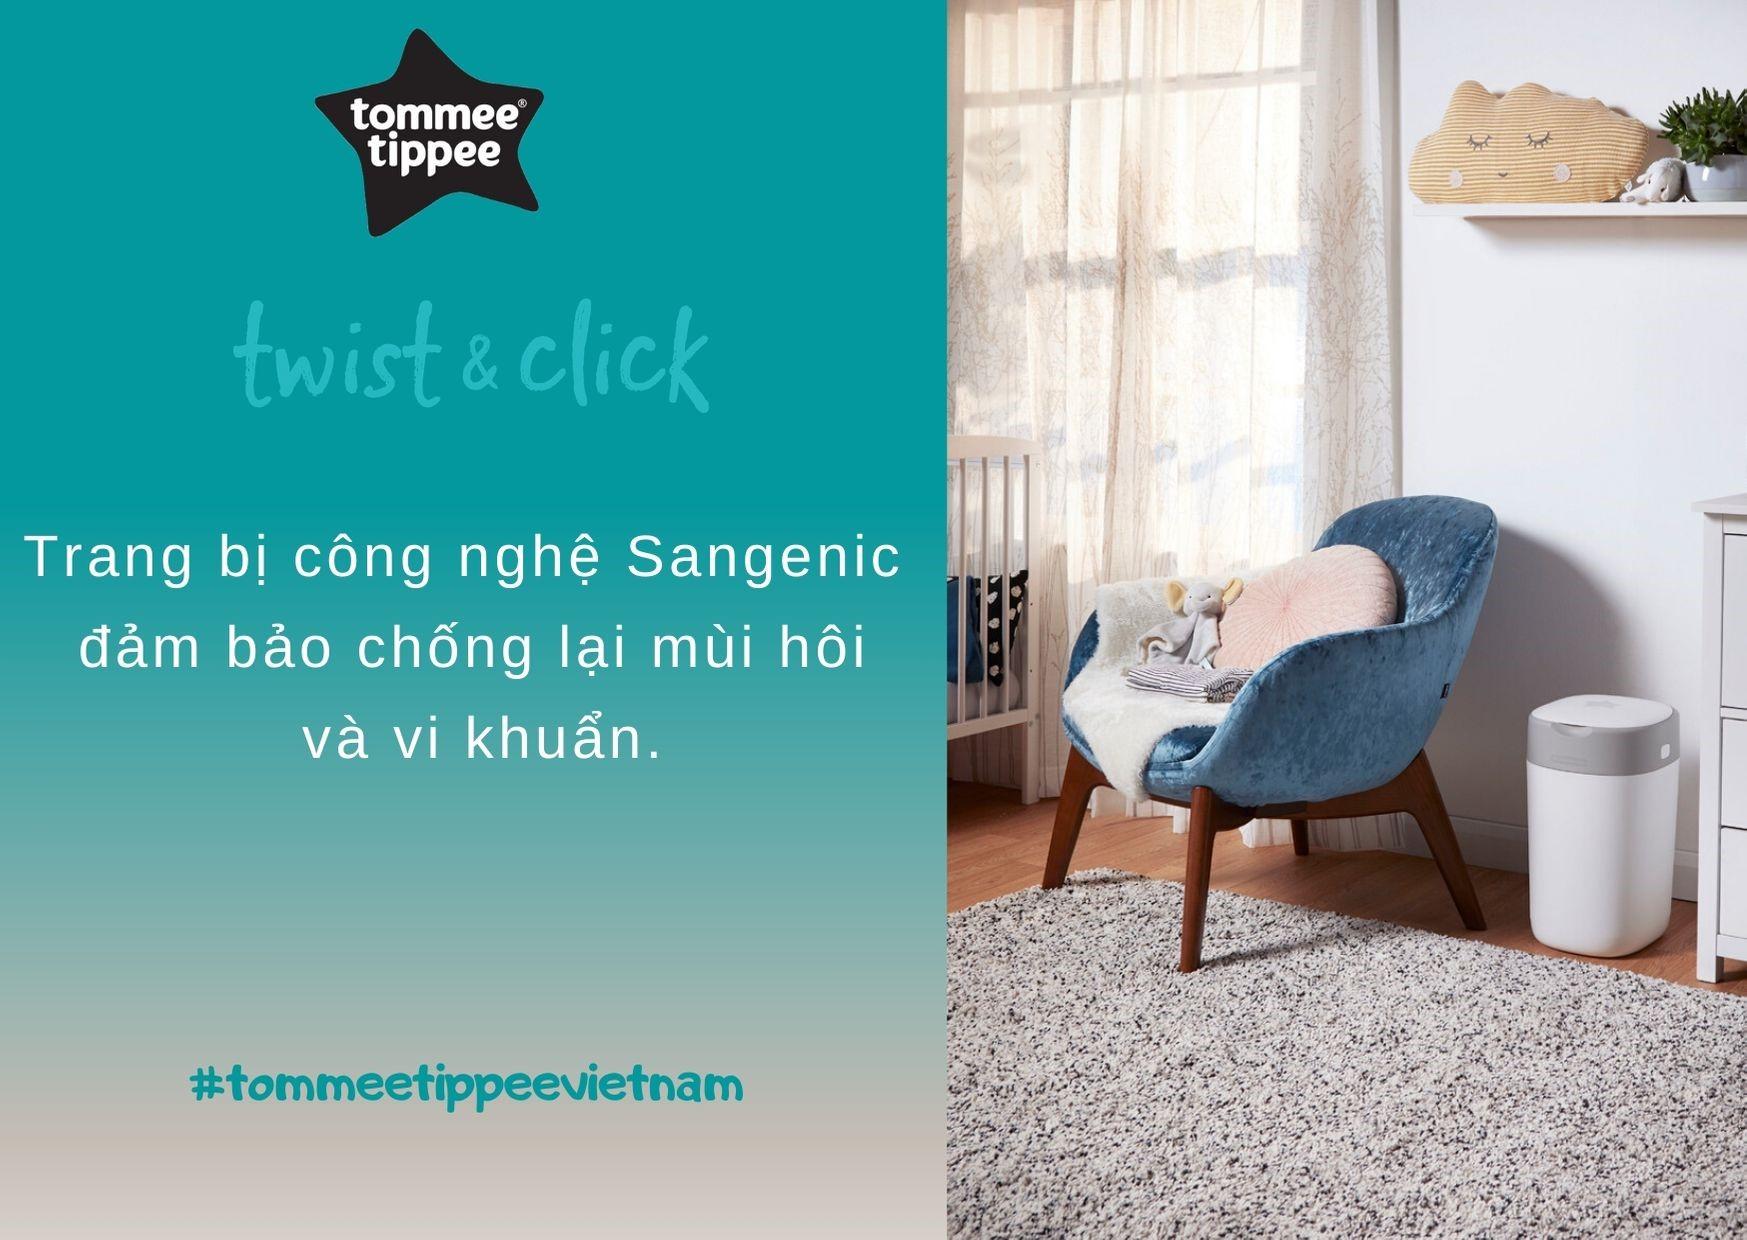 Đặc điểm Thùng xử lý tã cho bé Tommee Tippee Twist & Click - Trắng